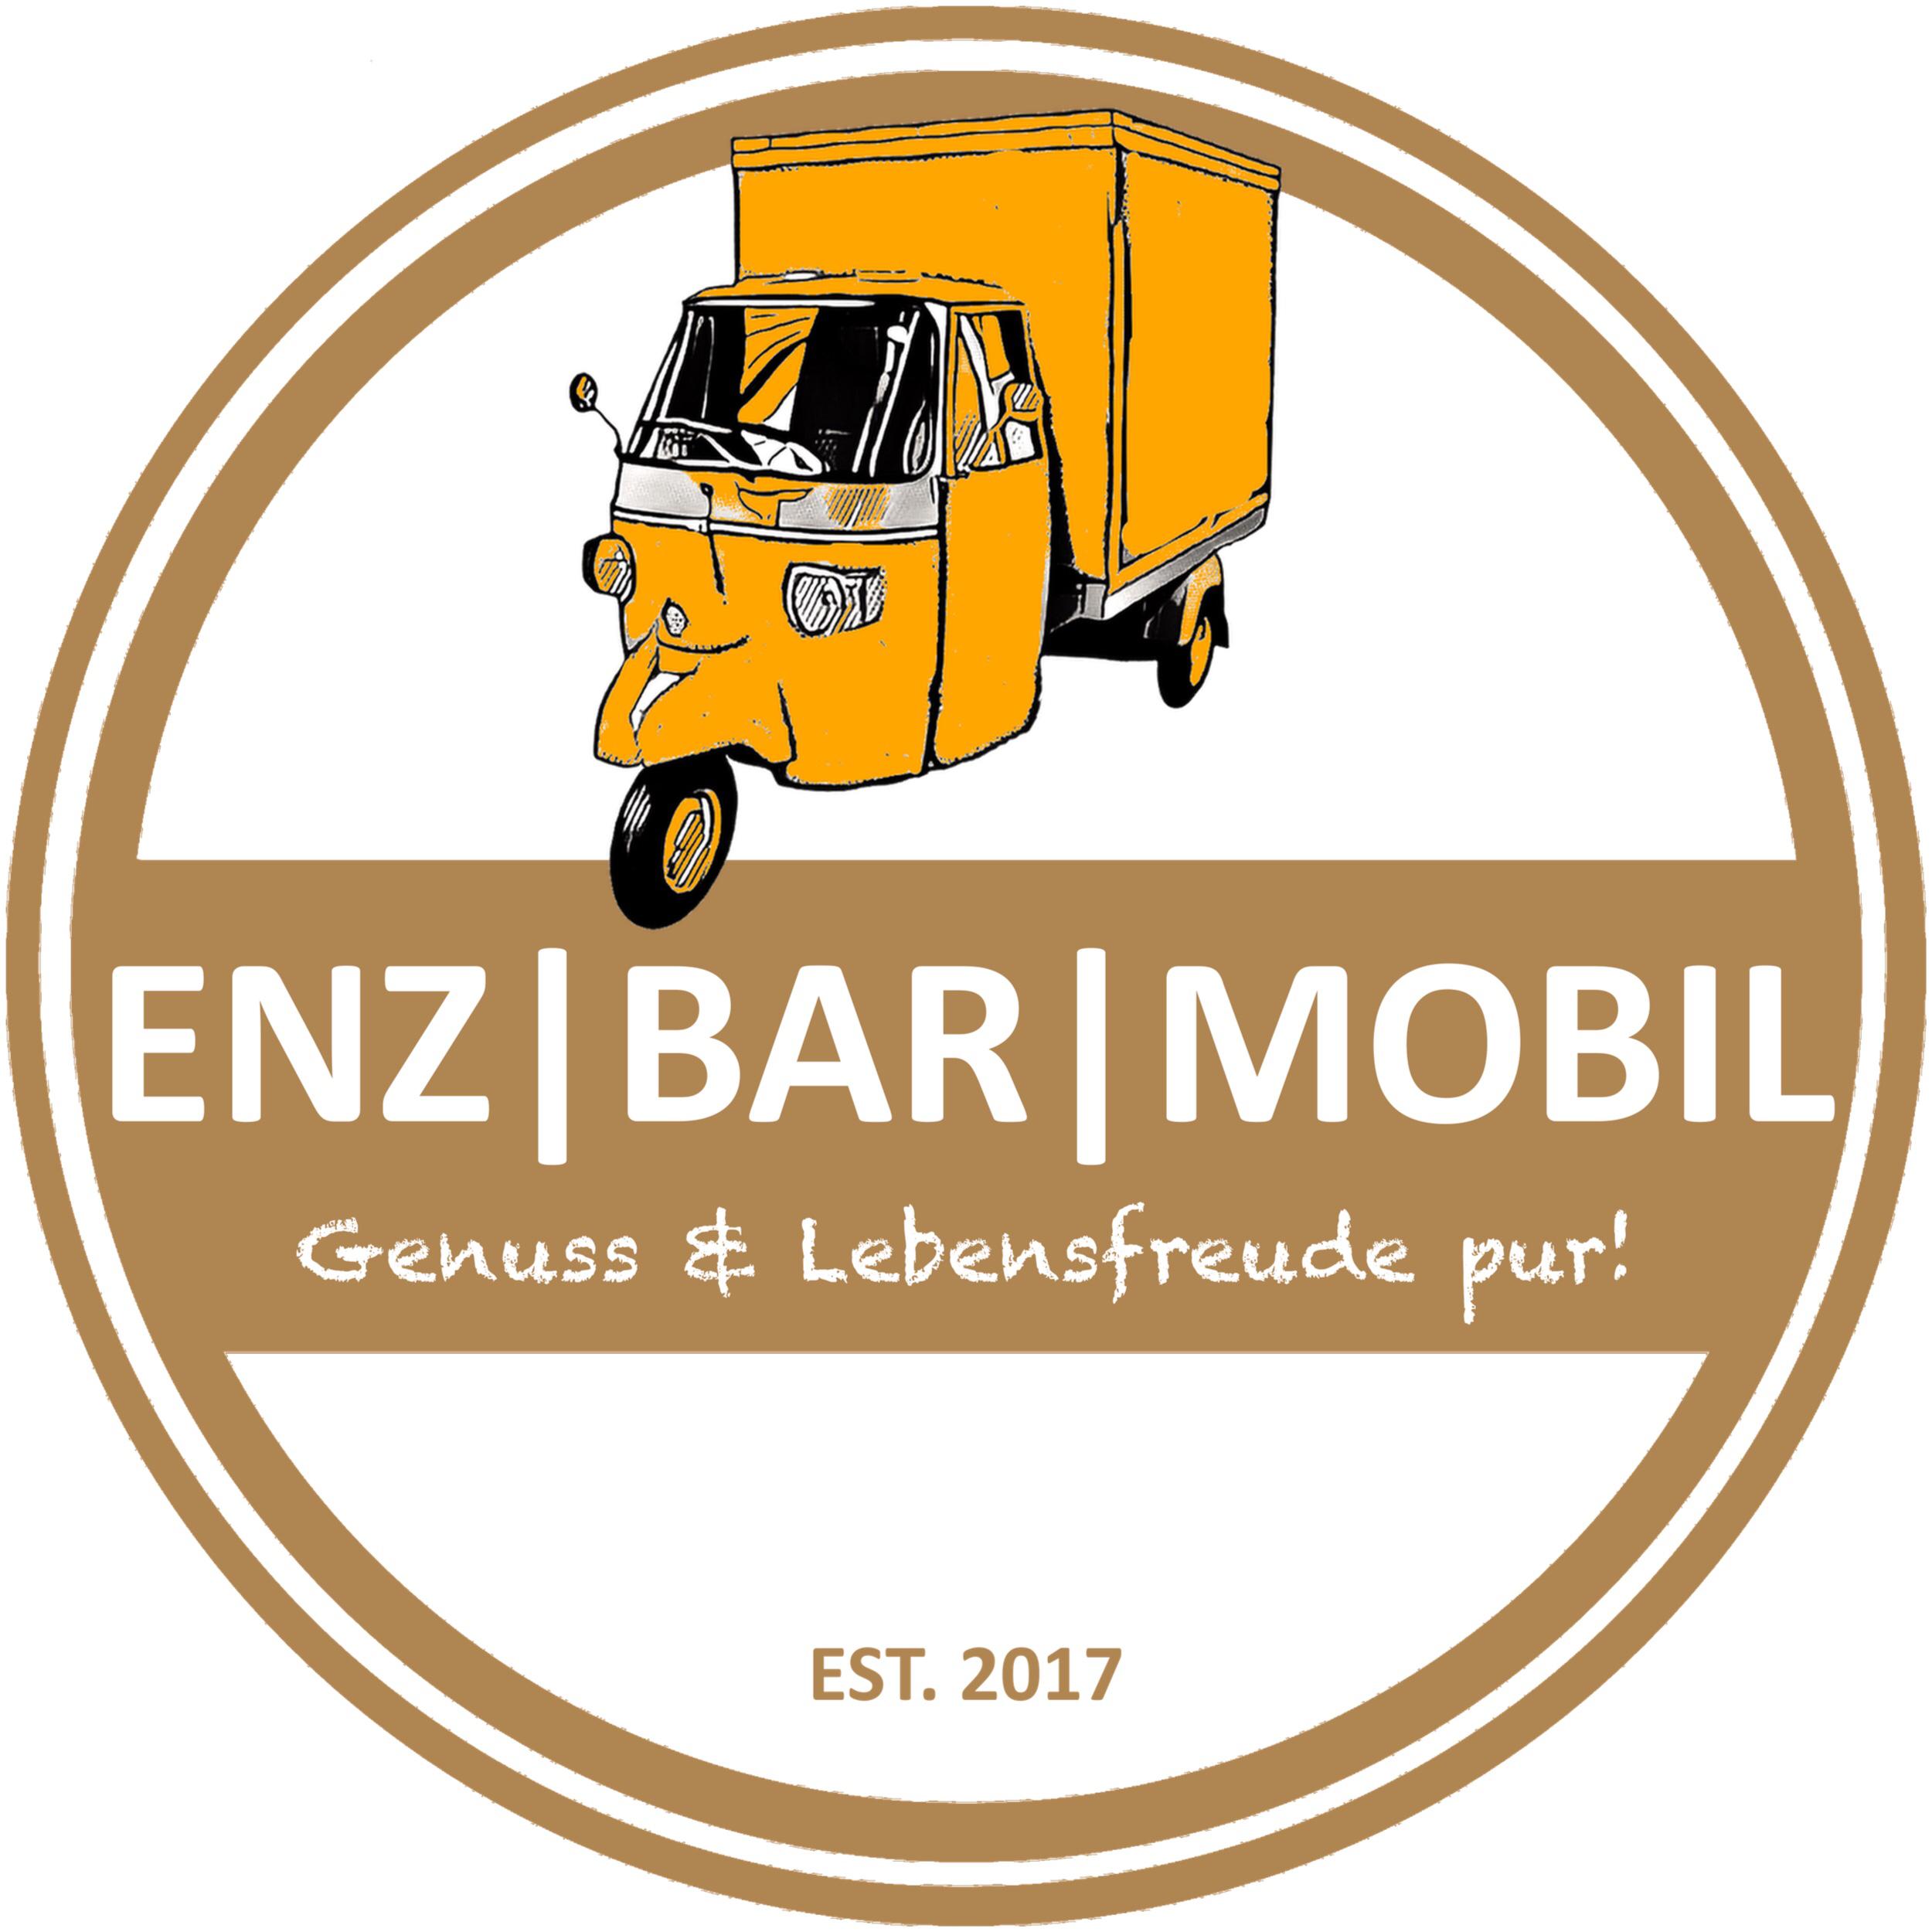 ENZ BAR MOBIL - Dana und Kai Fischer GbR